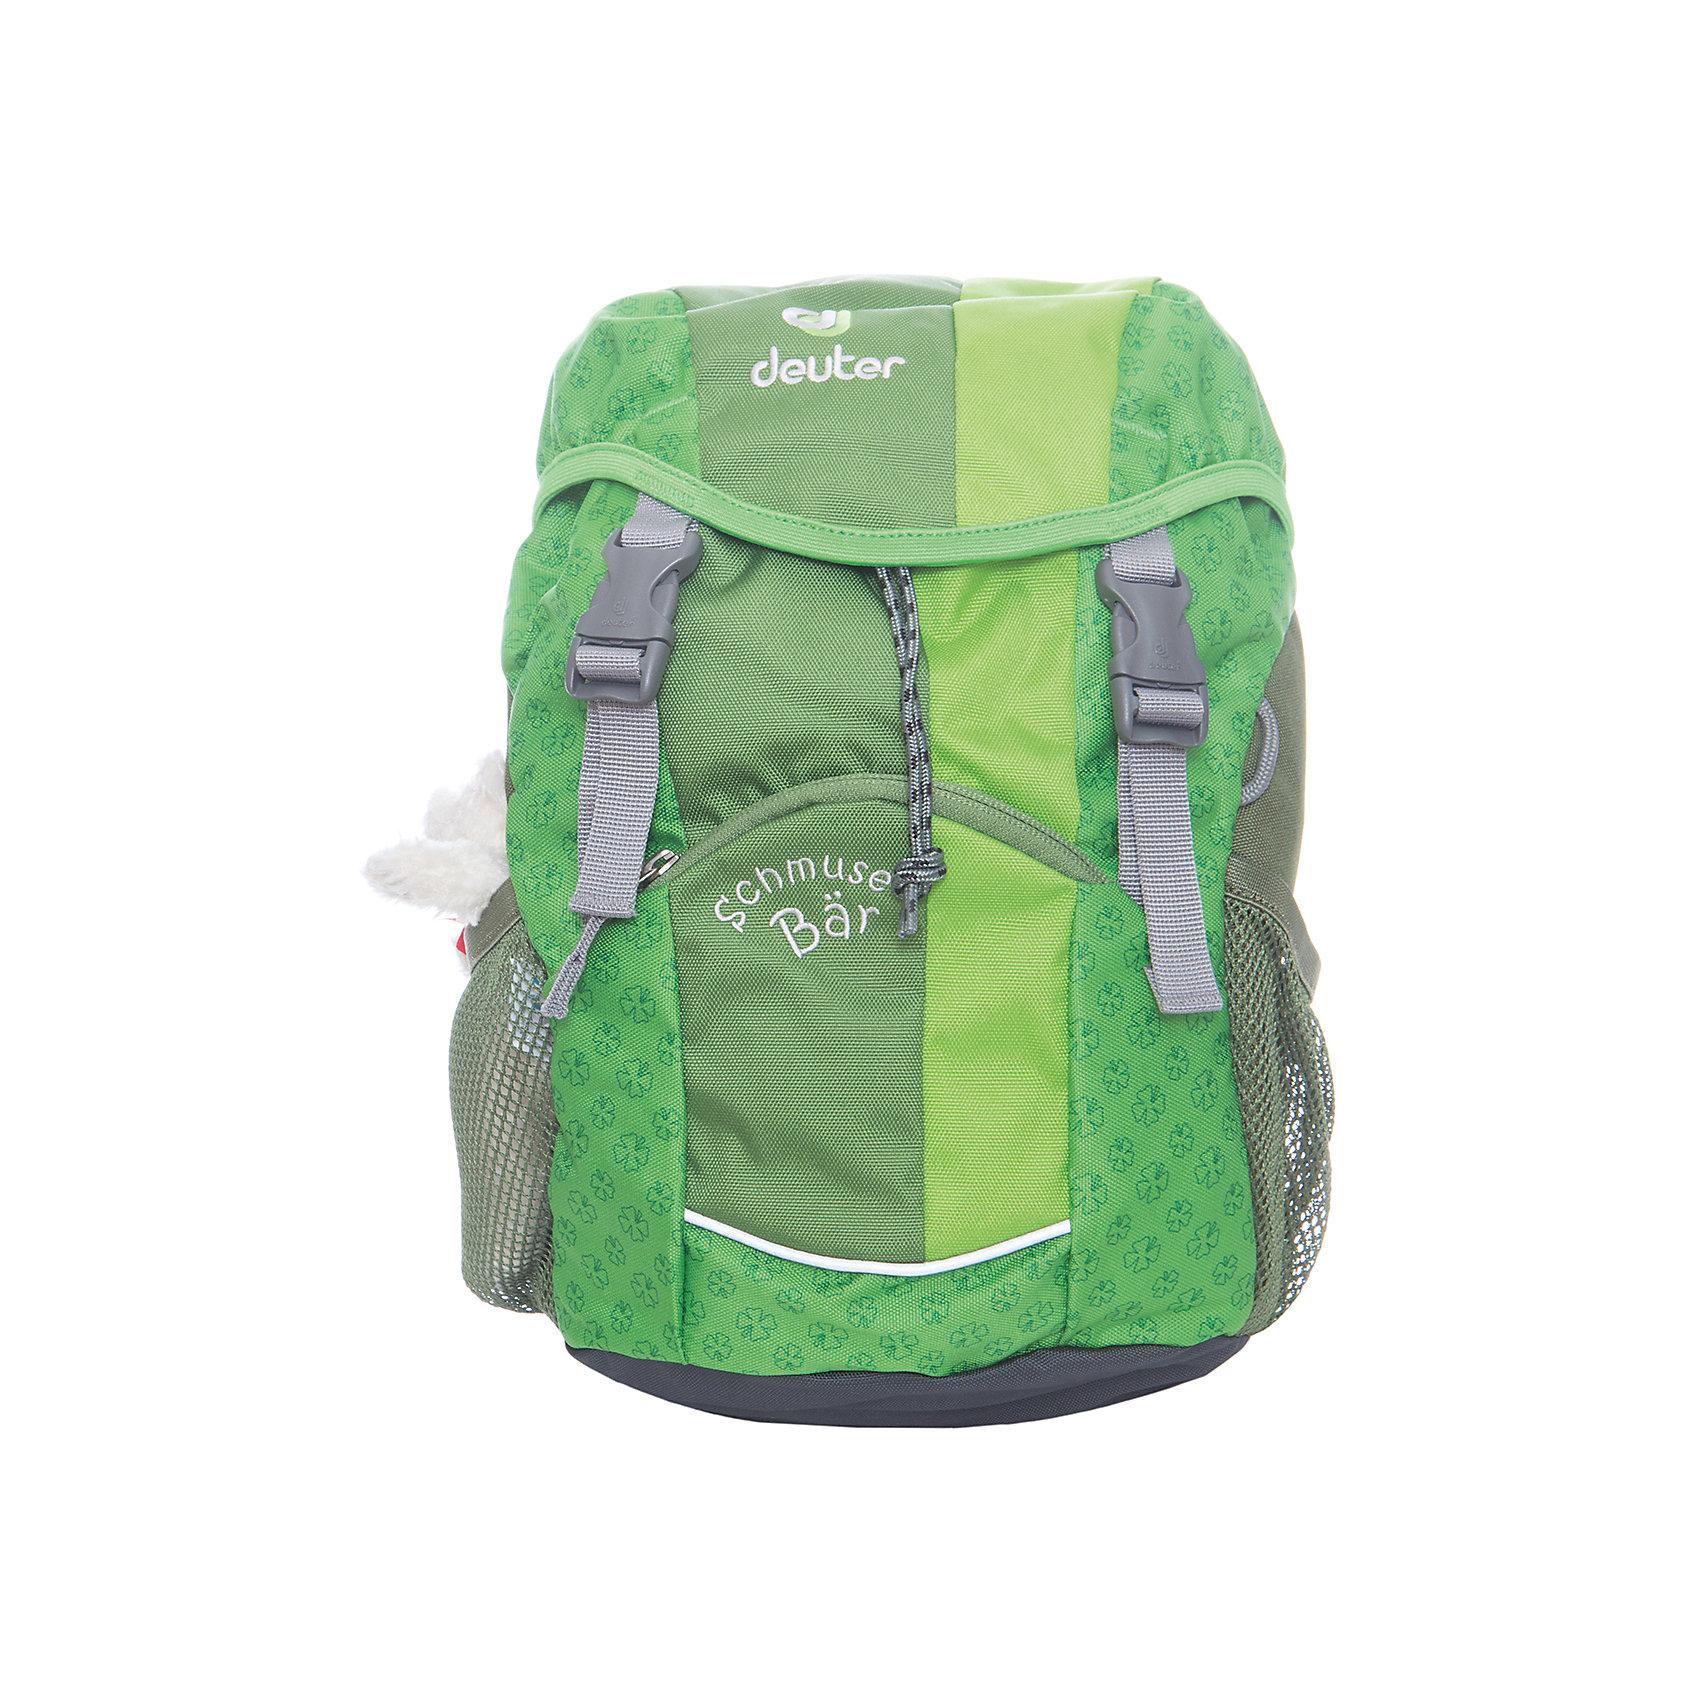 Deuter Рюкзак детский Мишка зеленый